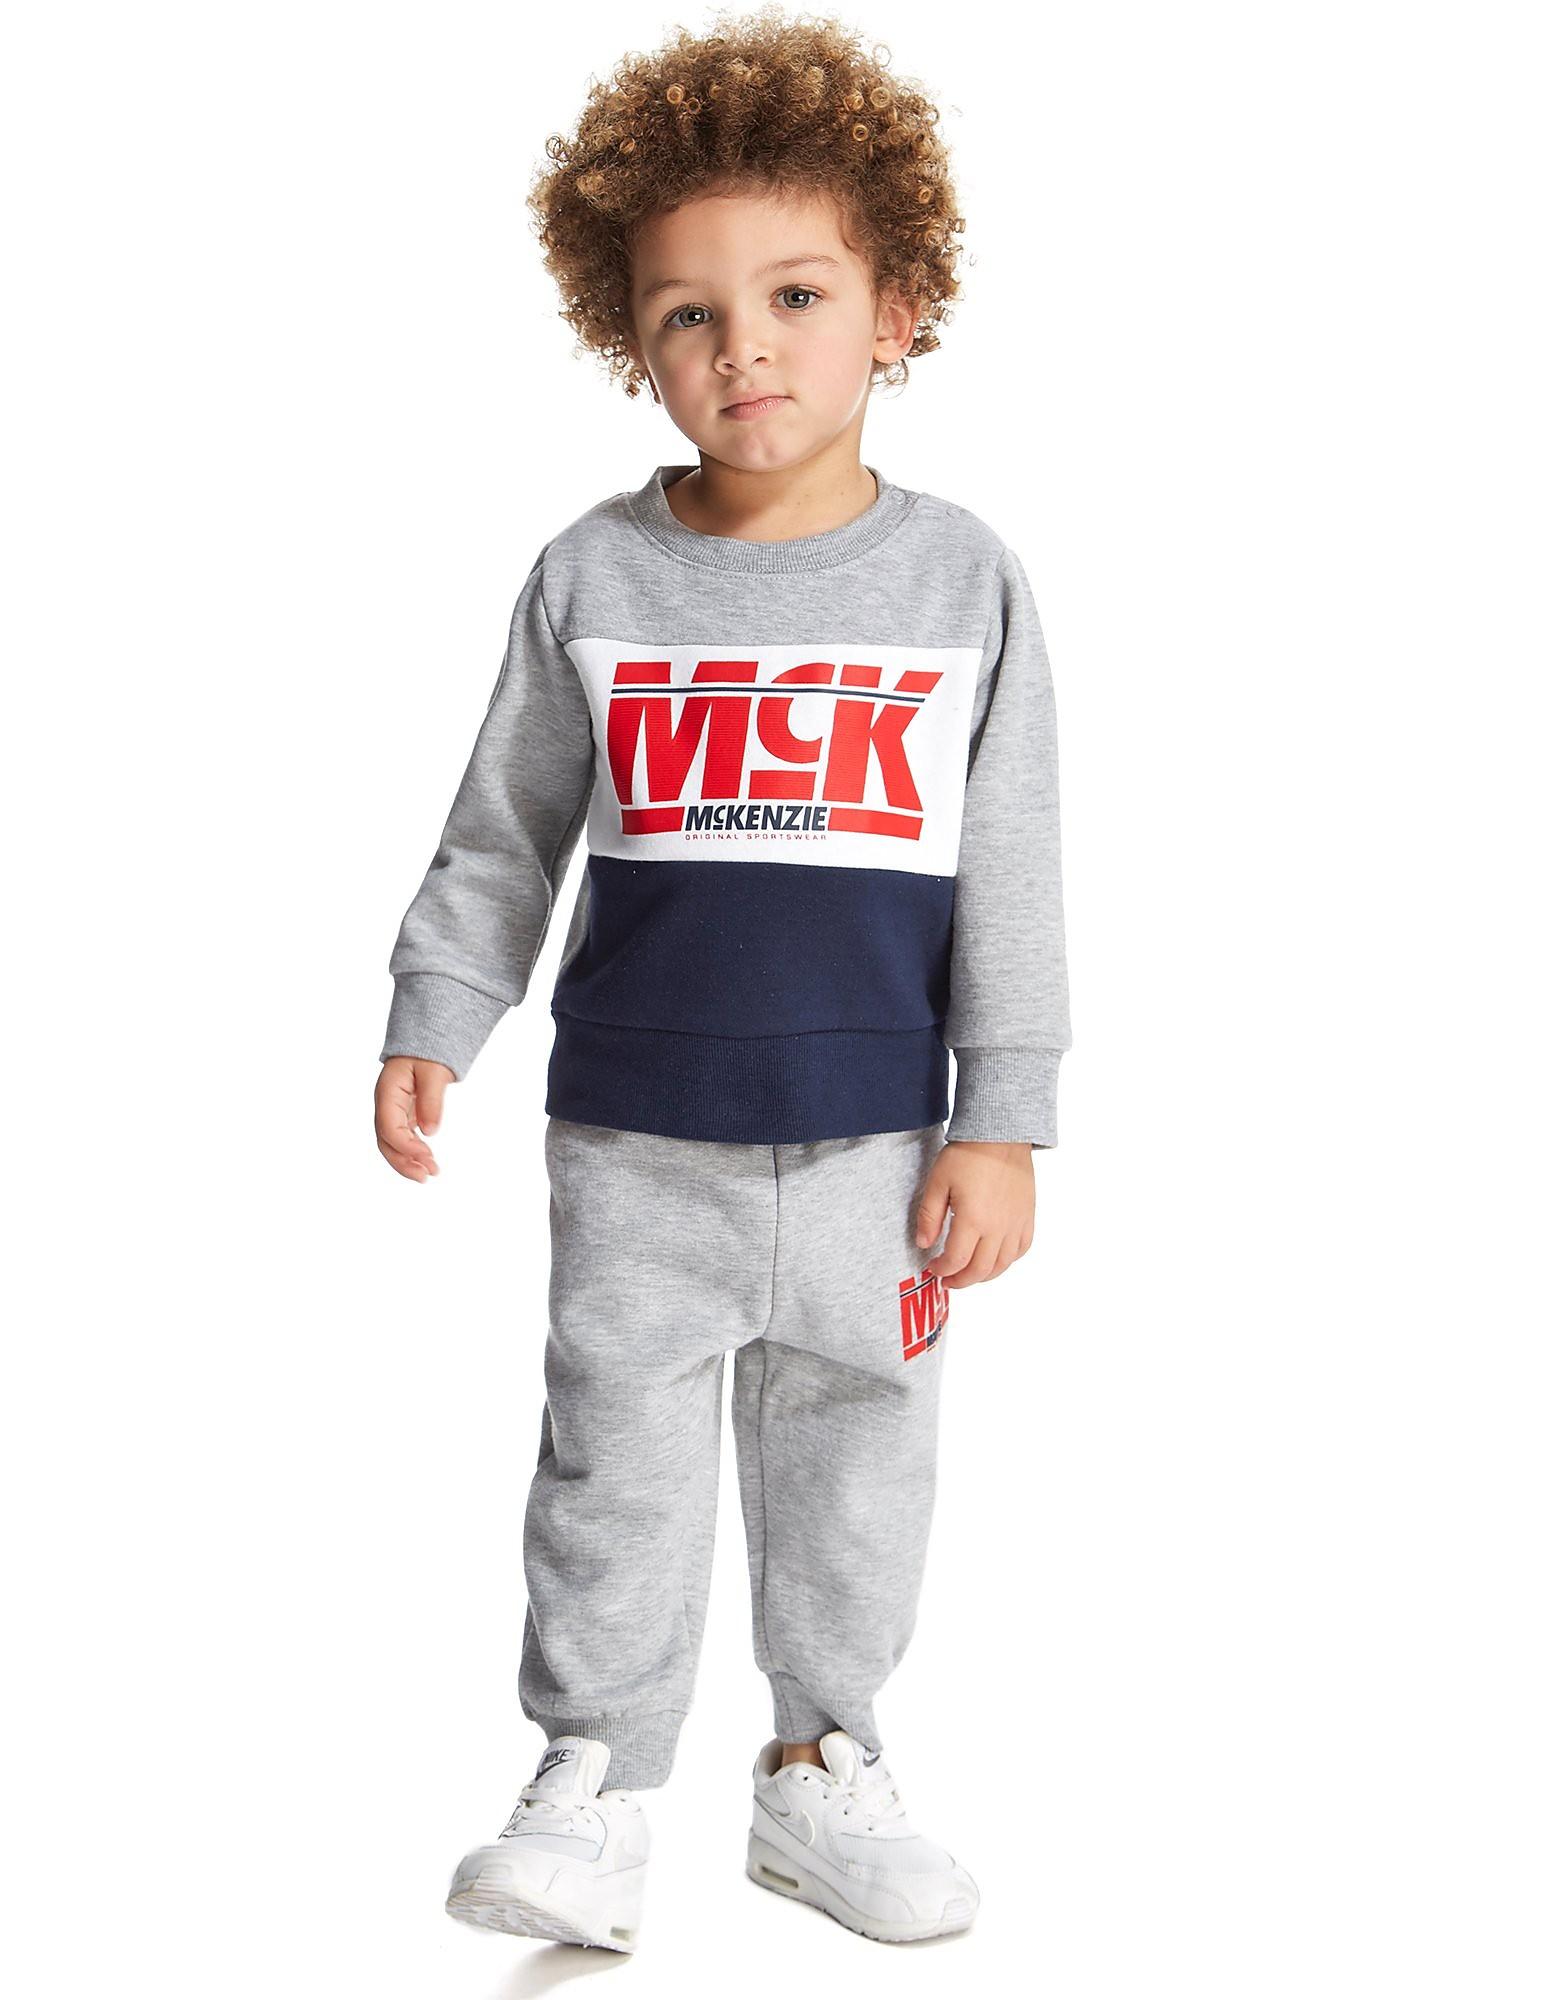 McKenzie Dash Crew Suit Infant